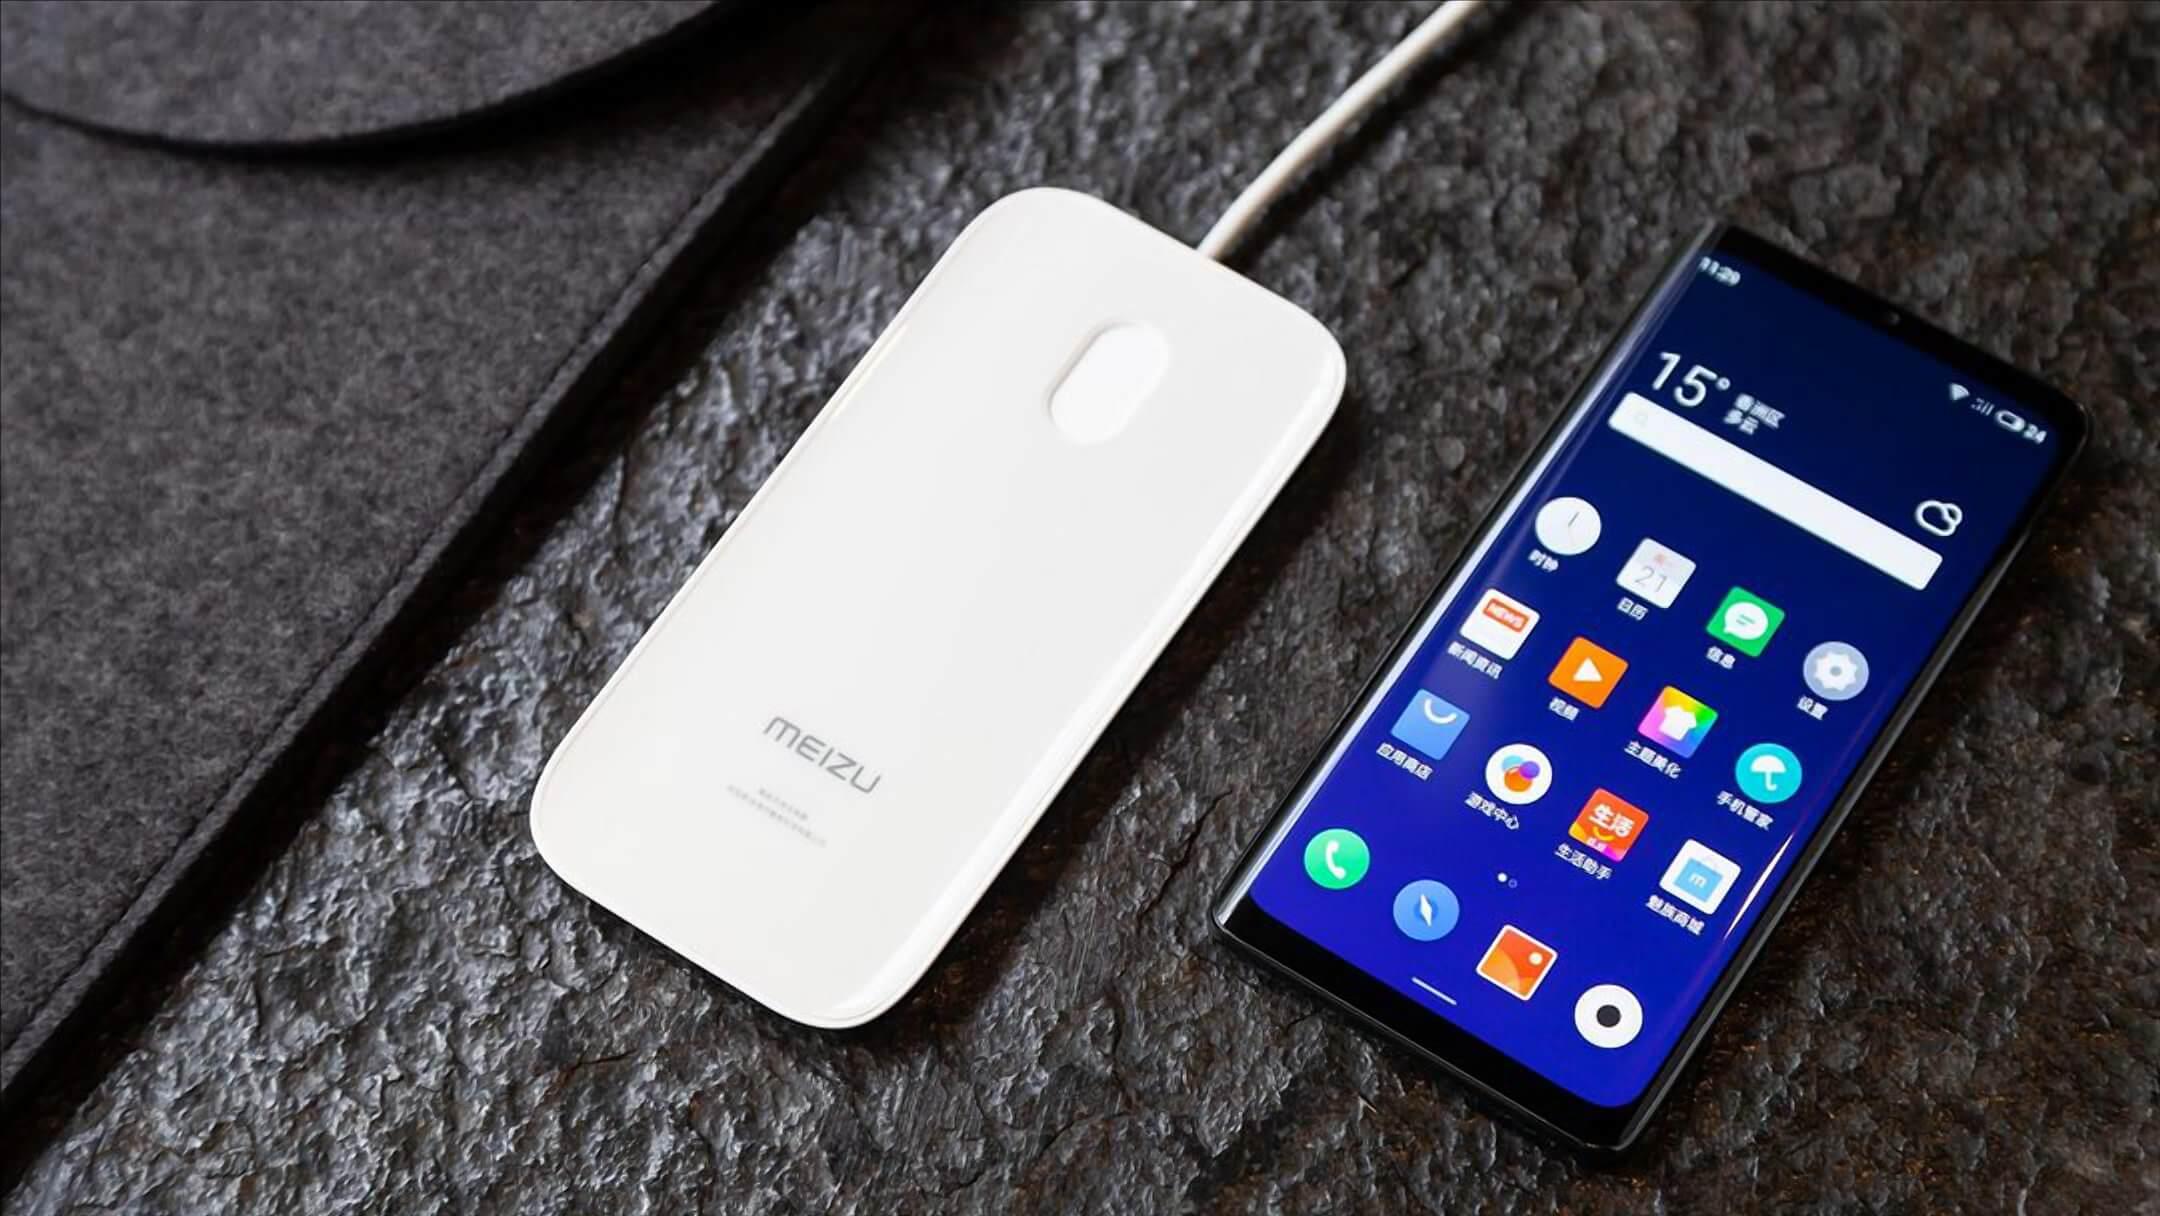 Meizu Zero Full Details, Meizu Zero Camera Test, Meizu Zero Display Size, Meizu Zero Price, Meizu Zero Testing, Meizu Zero Cam, Meizu Zero